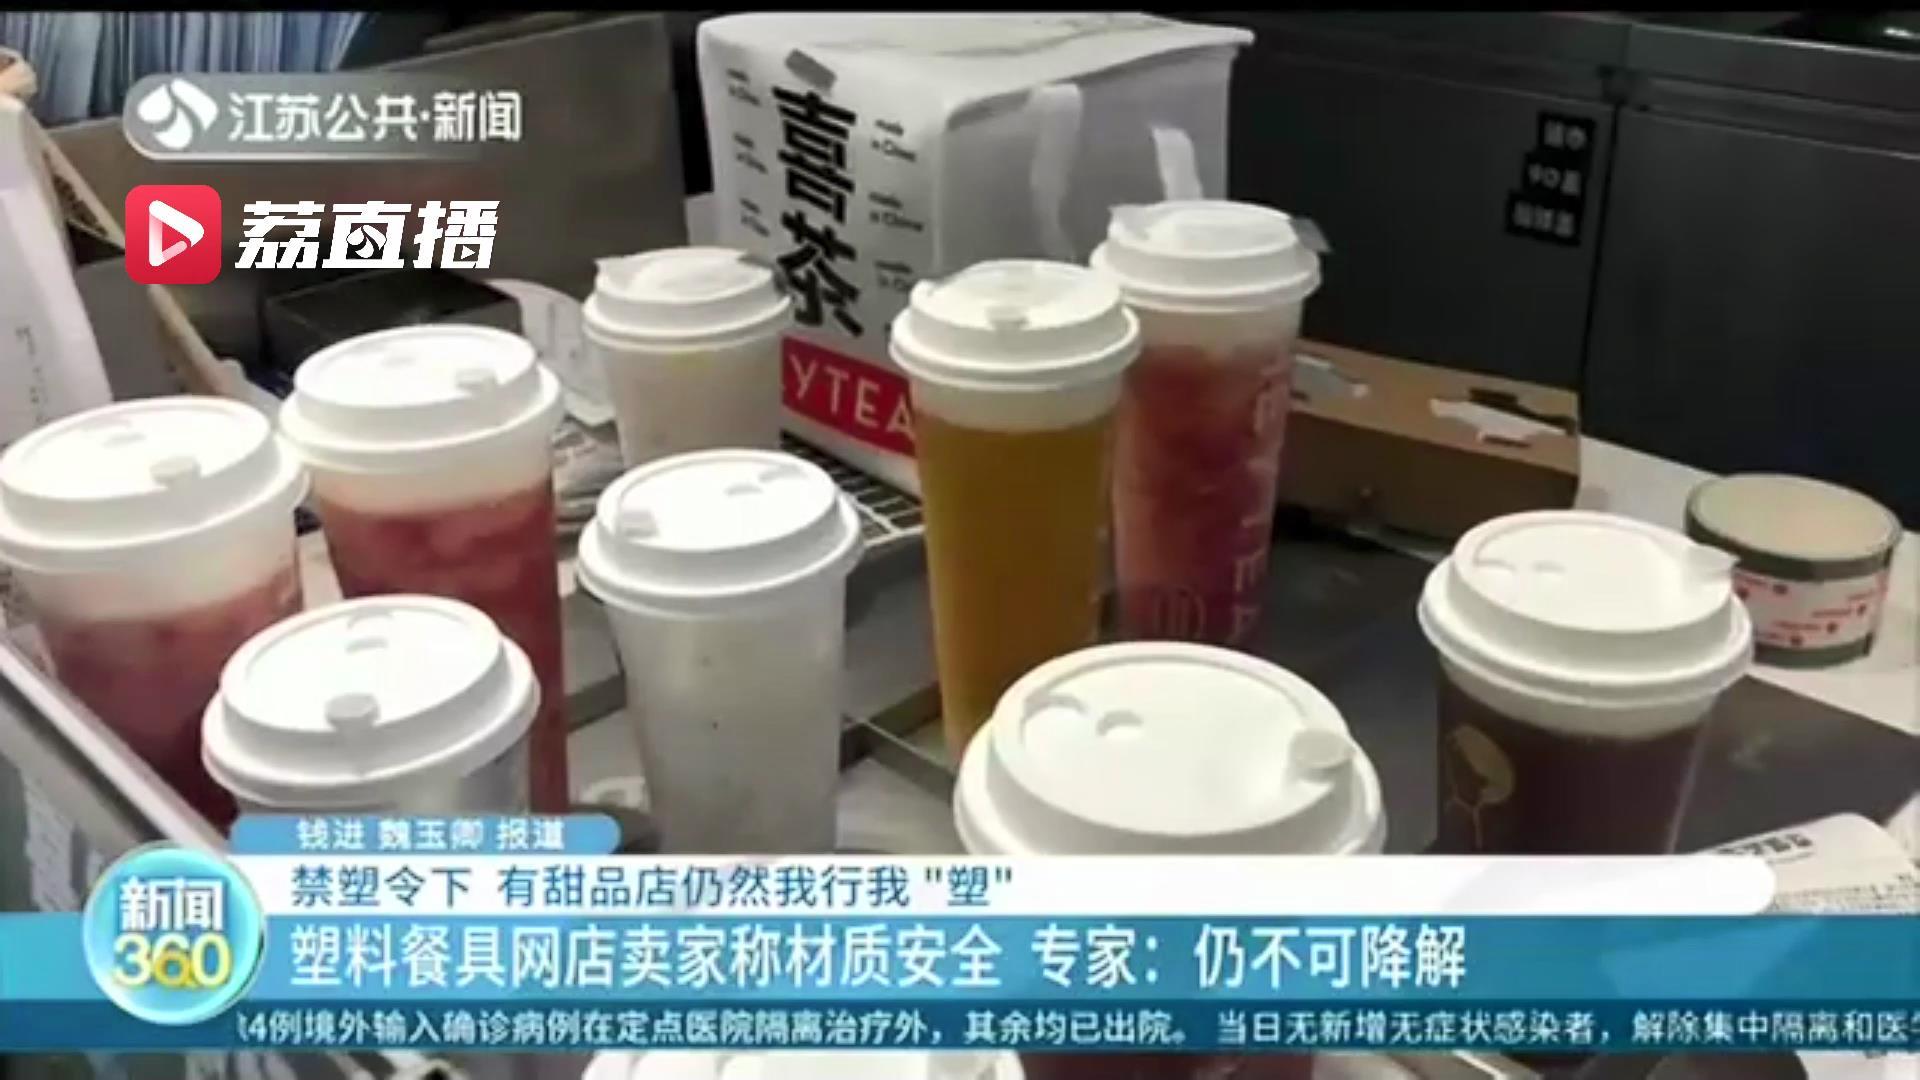 """禁塑令下仍然我行我""""塑""""塑料餐具在部分甜品店难被替代"""